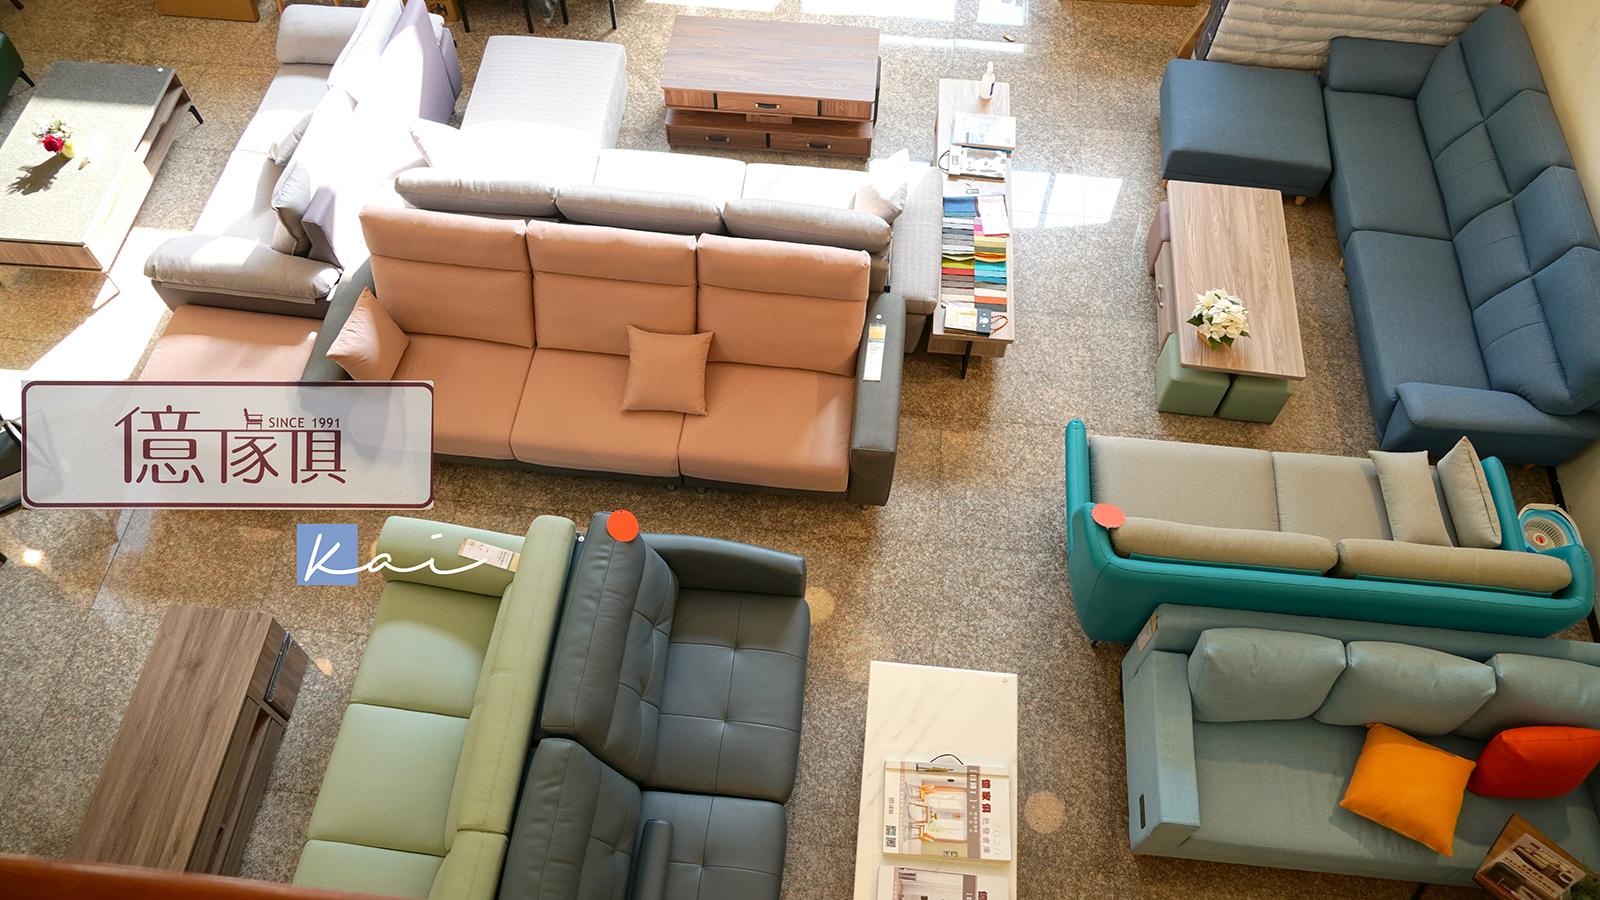 ☆【億家俱-桃園店】快瘋了~每個沙發都想買!桃園家具就來這裡挑 @凱的日本食尚日記